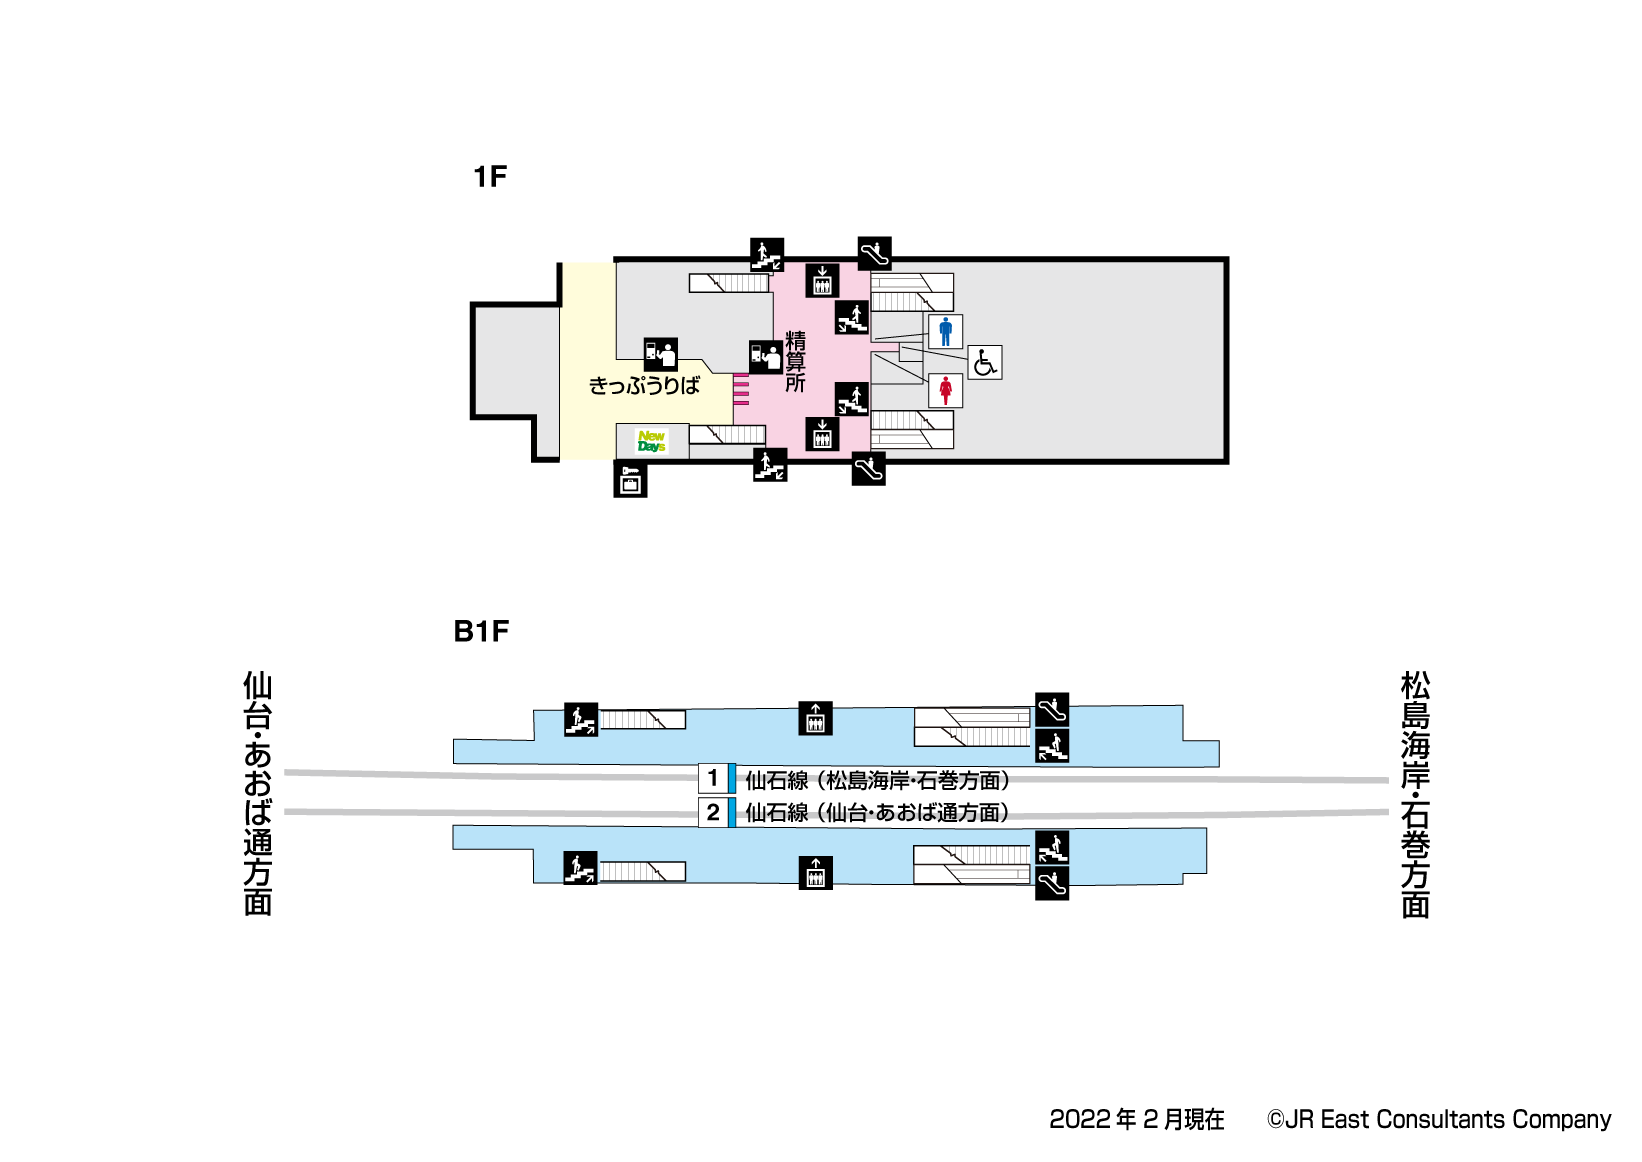 原 仙台 町 ノ 駅 駅 から